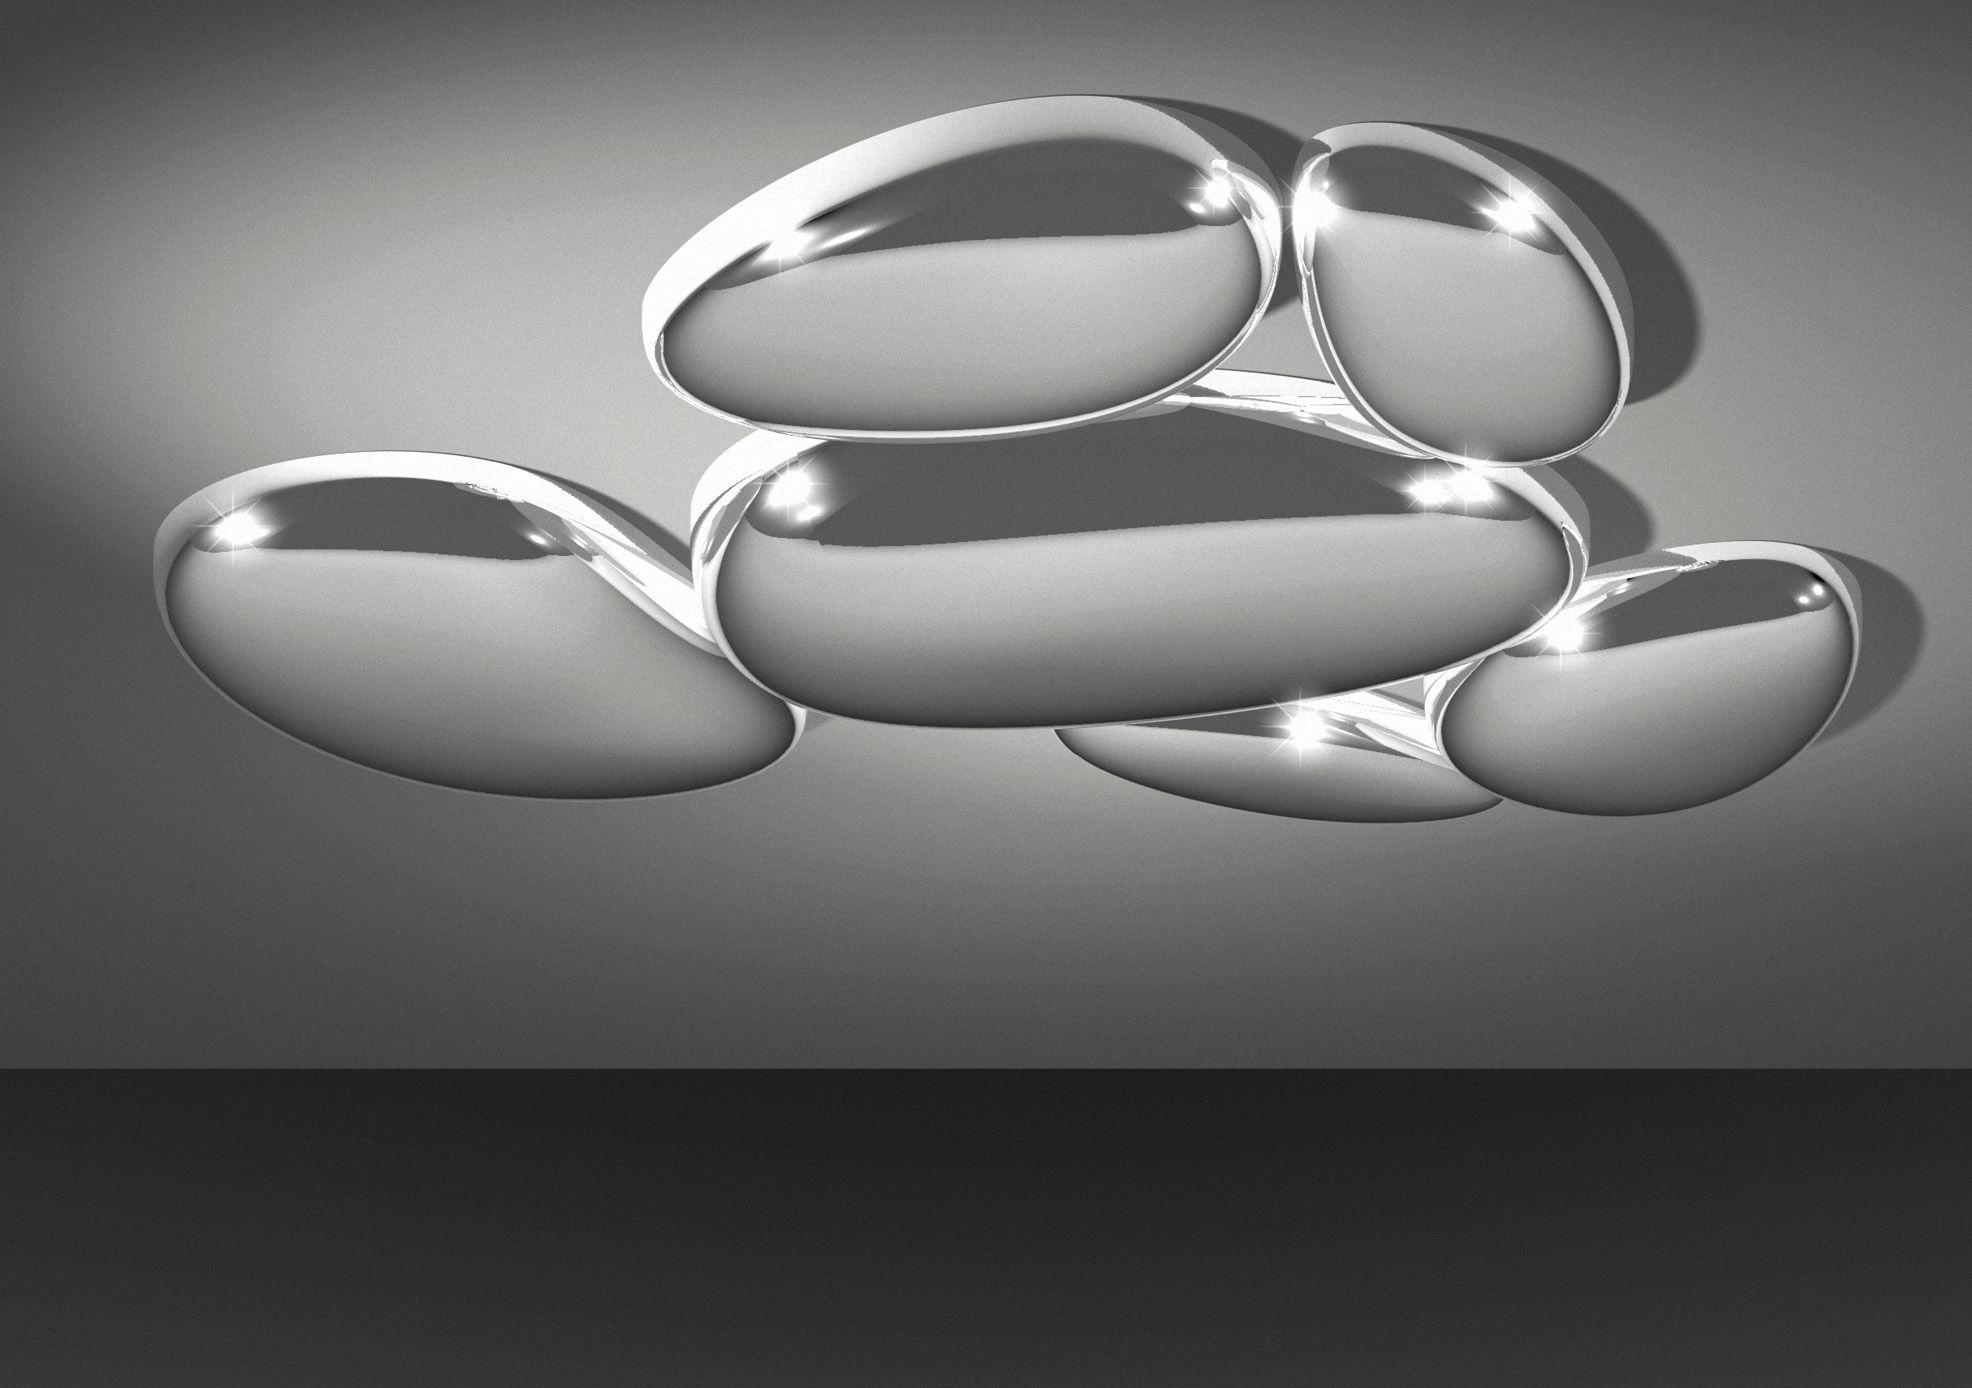 Leuchten - Deckenleuchten - Skydro Deckenleuchte Modell ohne Leuchtkörper - Artemide - Chrom glänzend - ABS, Gussaluminium